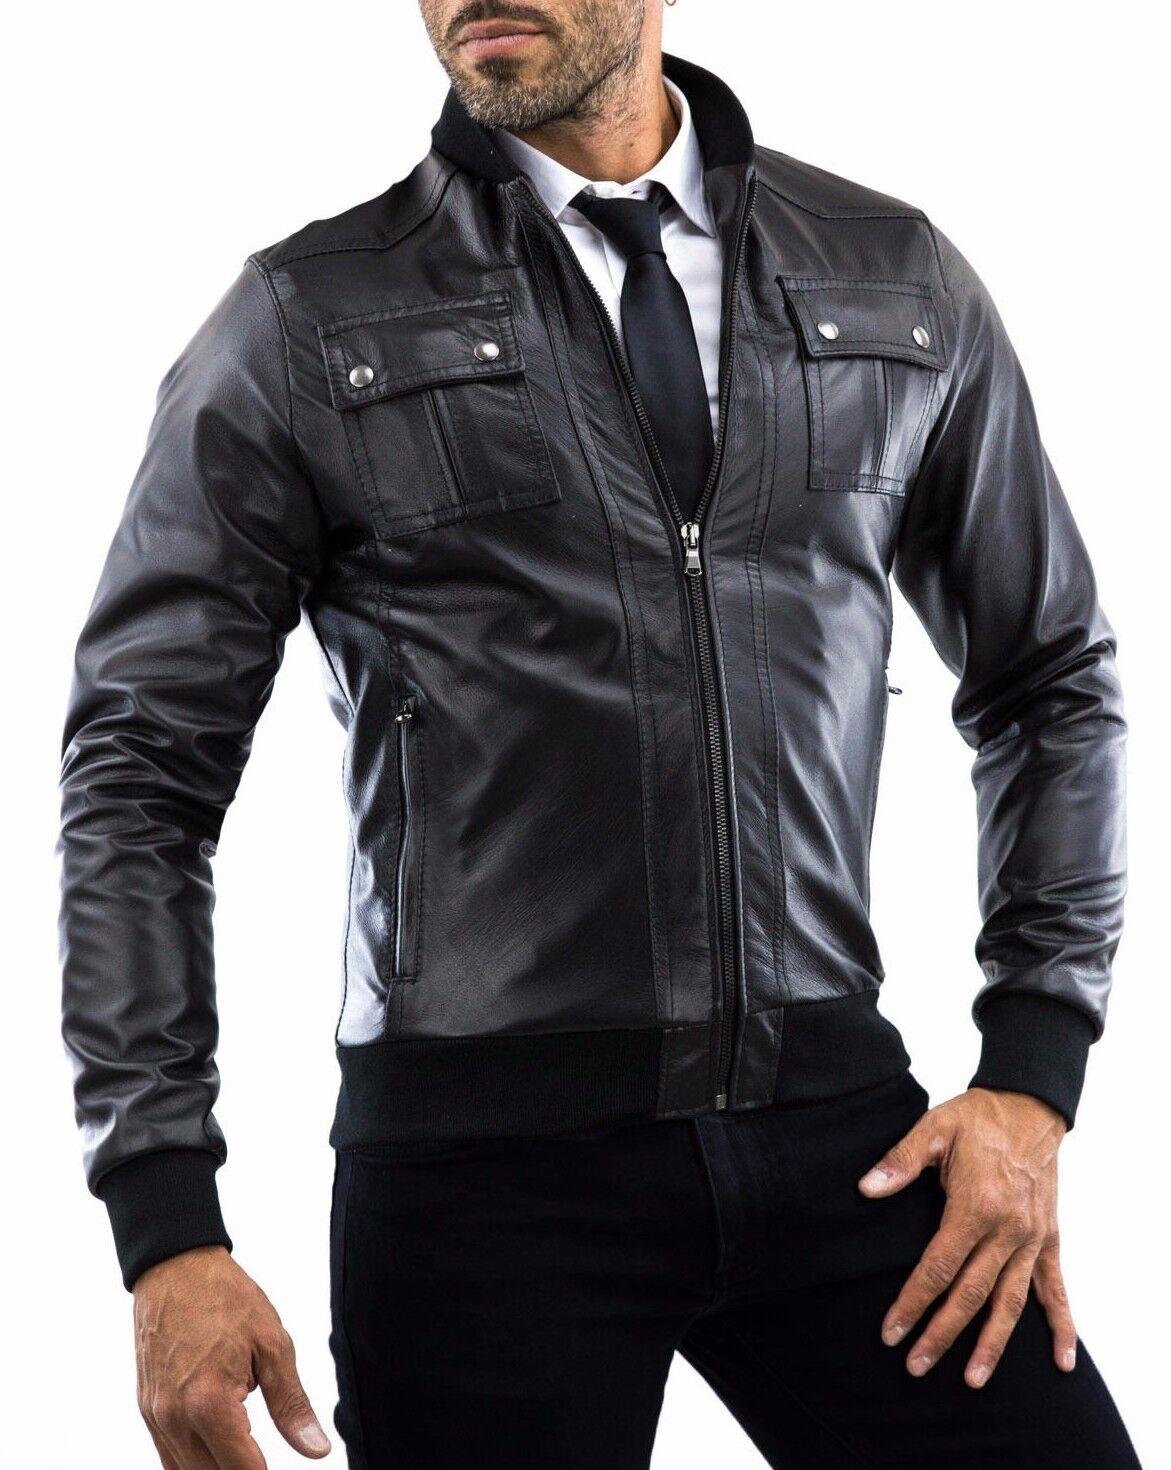 DE Herren Lederjacke Biker Manteau Veste en Cuir pour Homme Homme Veste En cuir J11a4